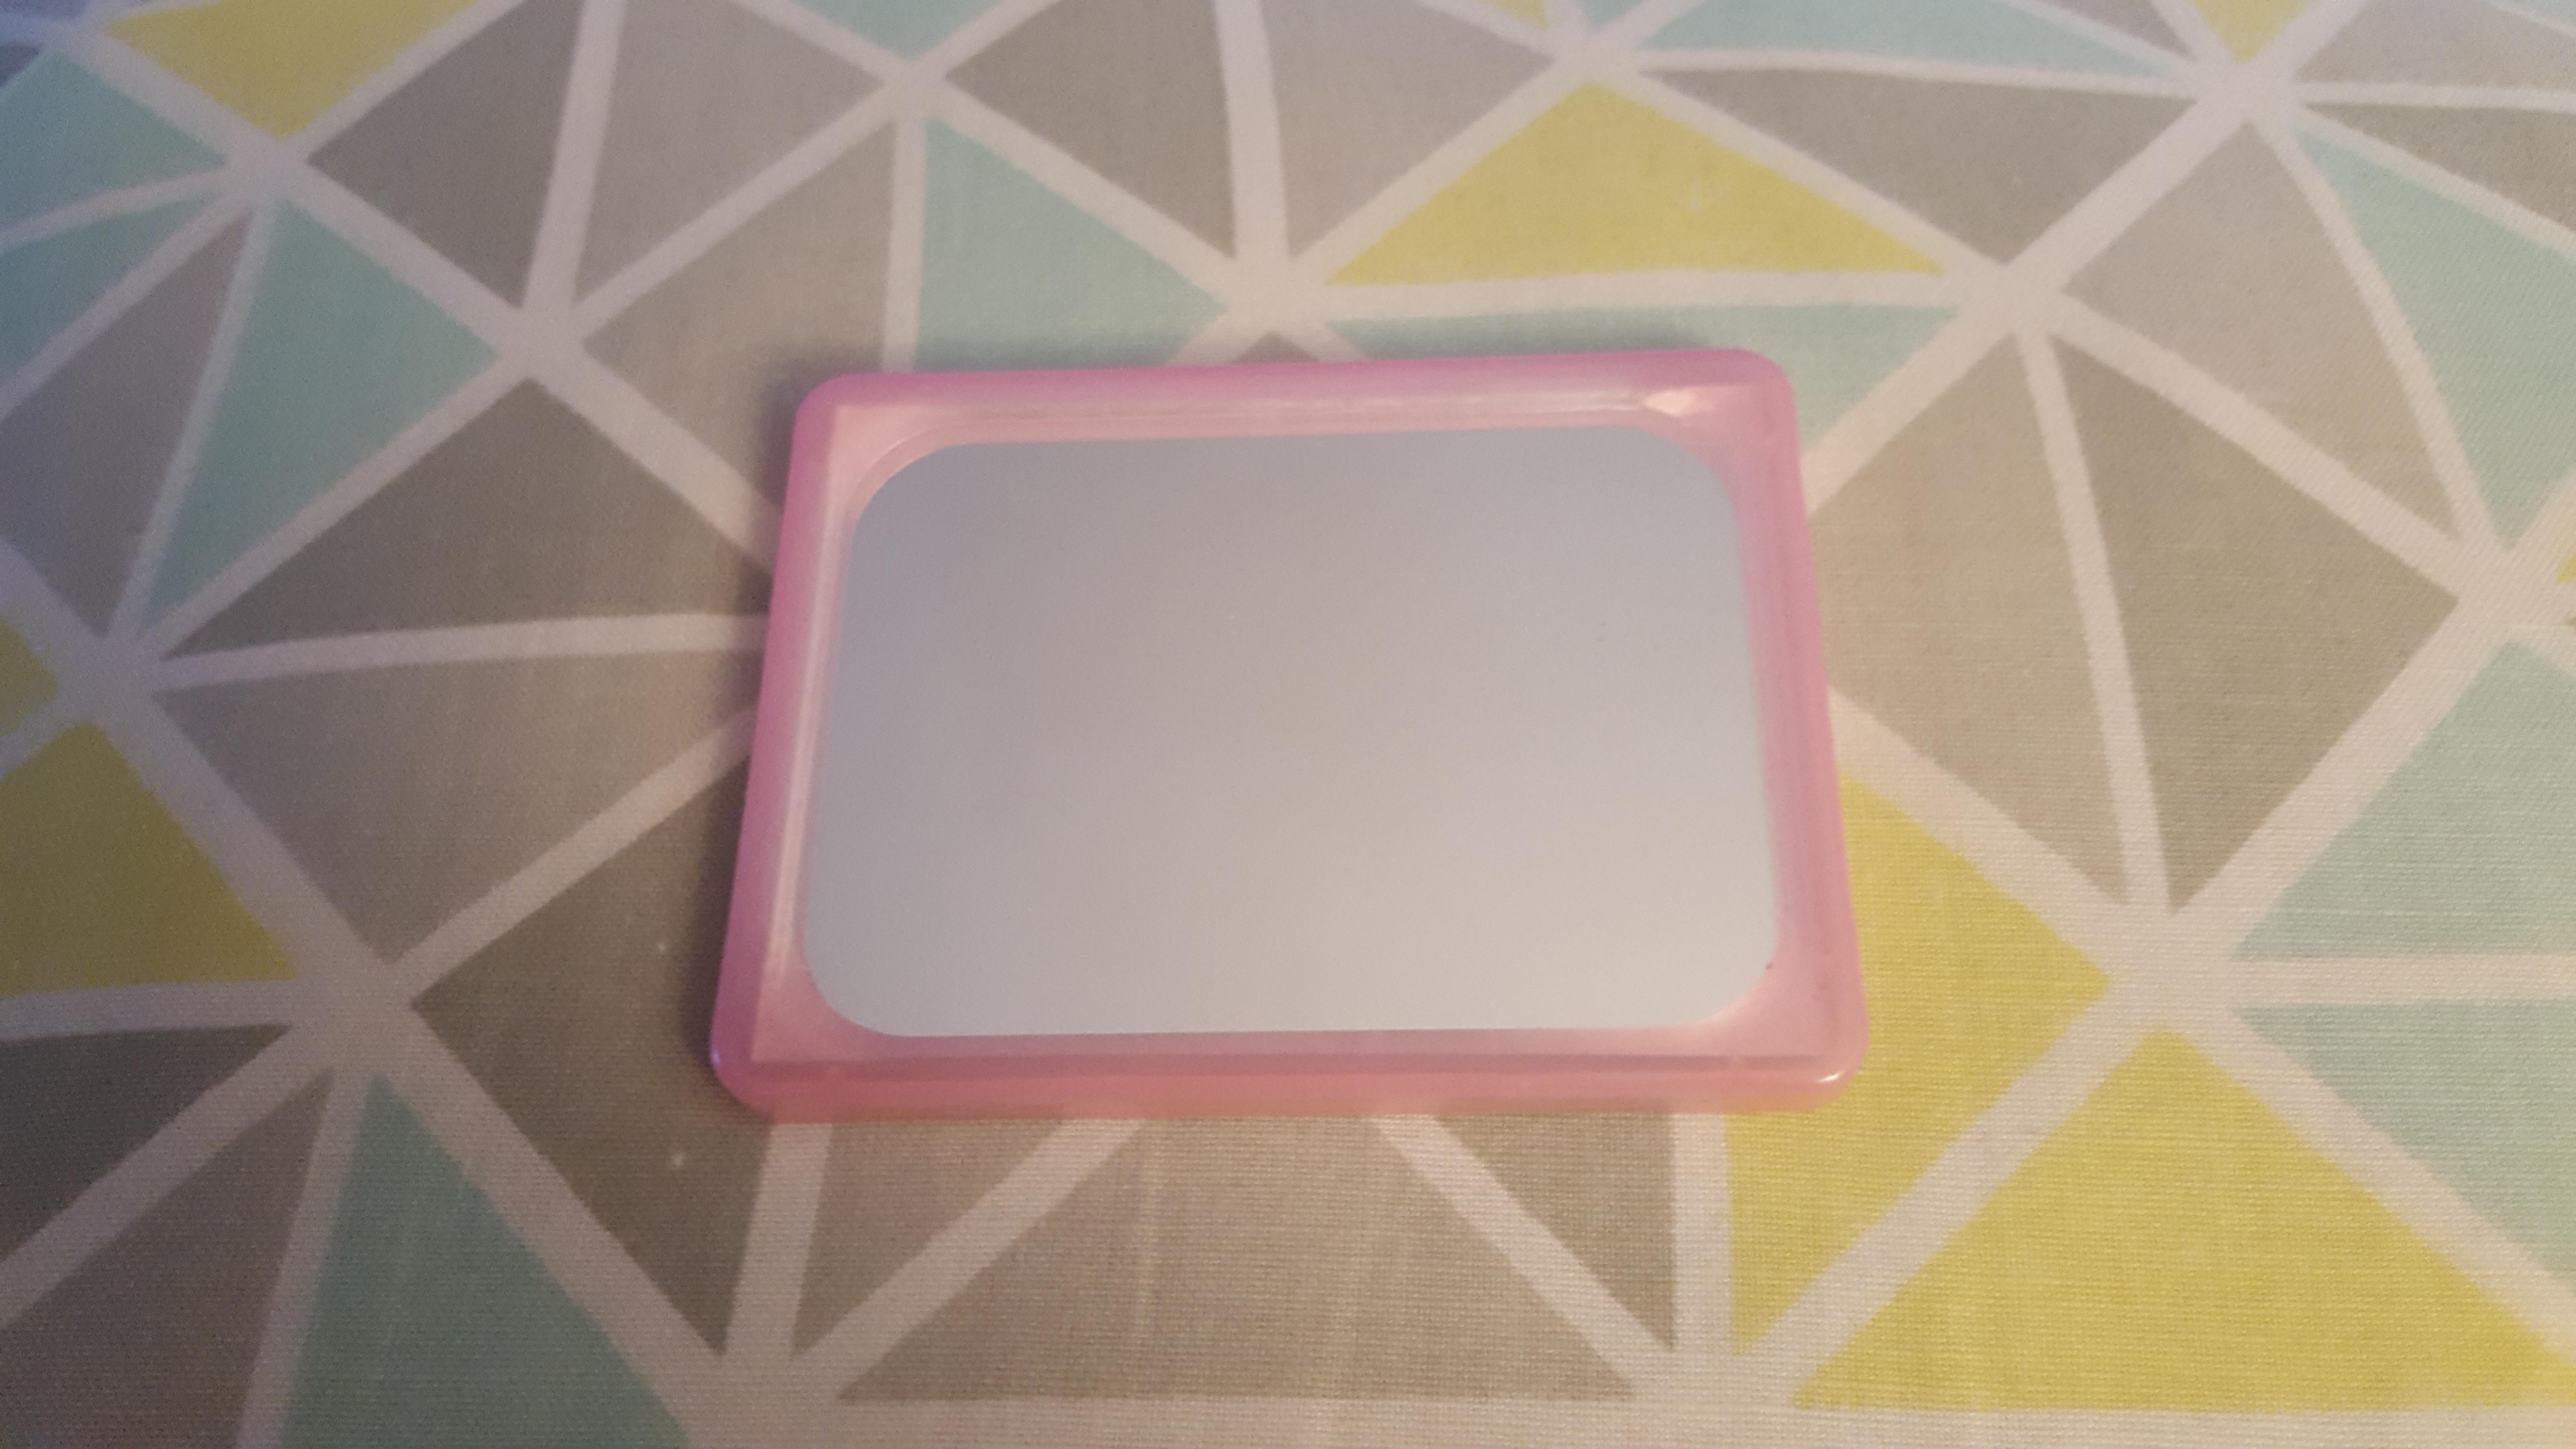 troc de troc miroir de poche image 0